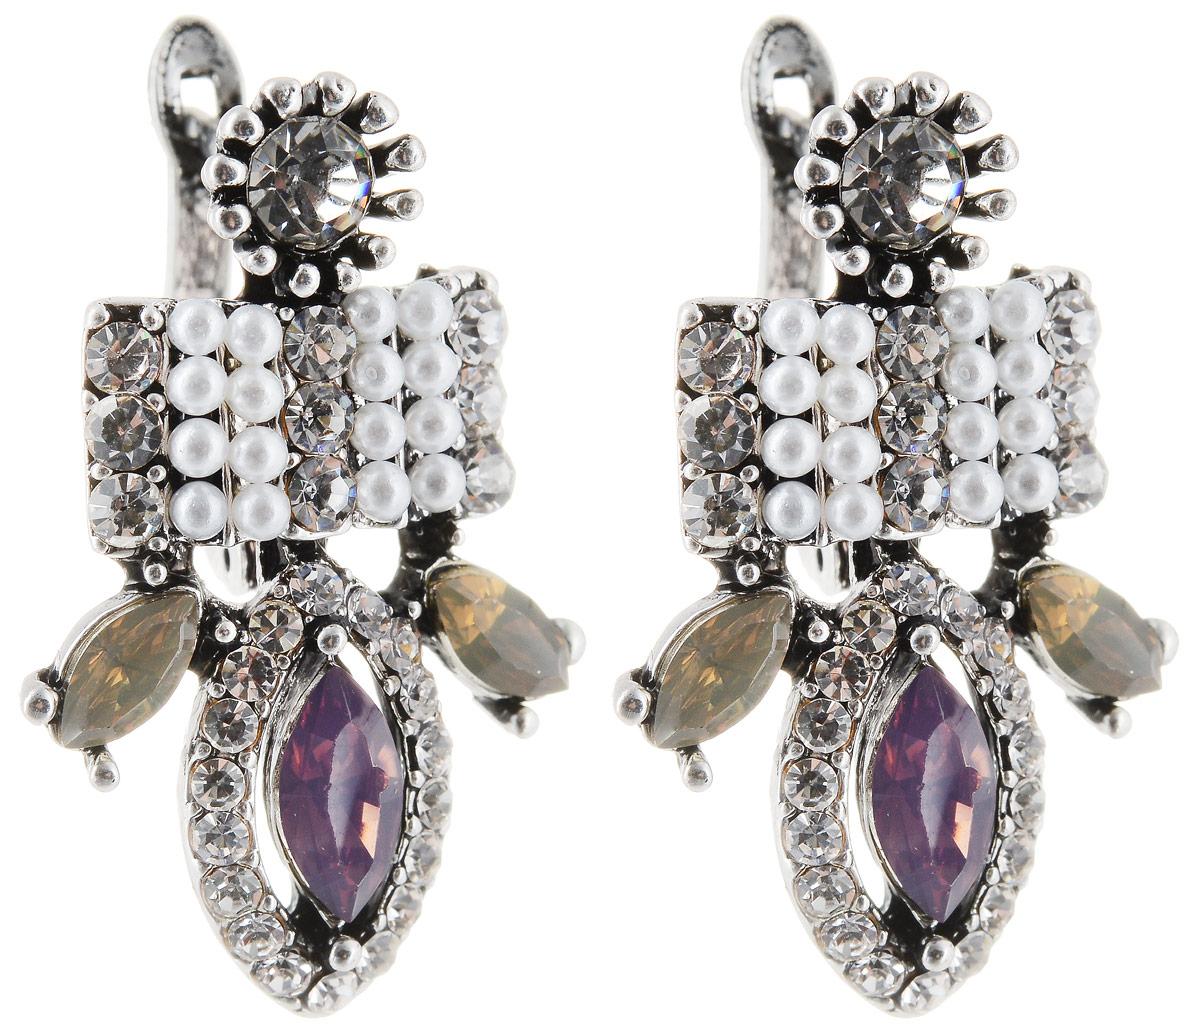 Серьги Taya, цвет: серебристый, пурпурный. T-B-12954Пуссеты (гвоздики)Серьги с английским замком. Некрупные, с мелкими деталями оформлены вставками из пастельных кристаллов. Много страз: есть блестящие, есть матовые белые. Металл в глубине слегка тонированный.